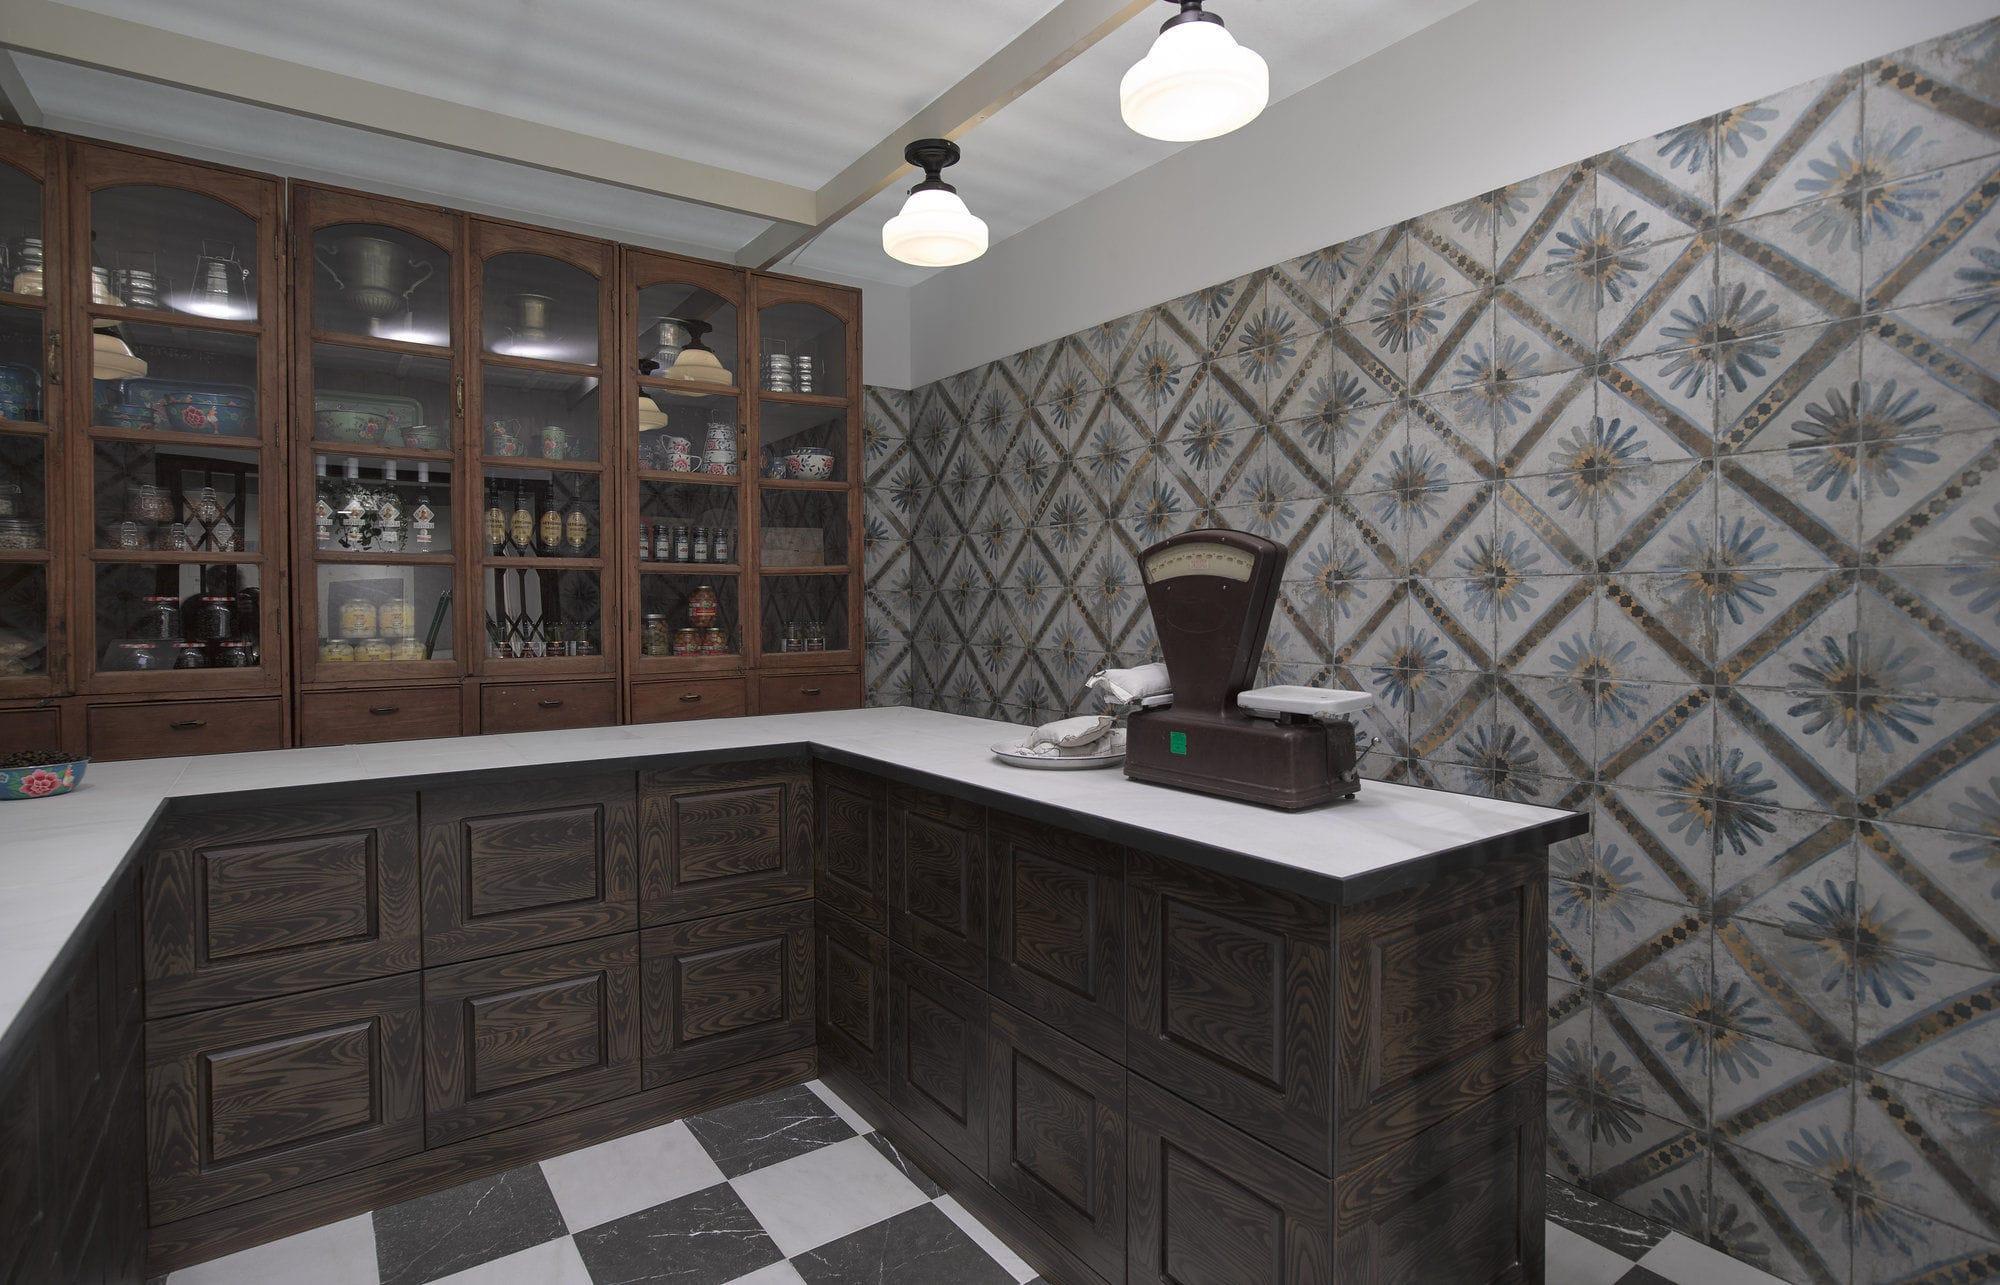 Piastrella da interno da pavimento in ceramica 45x45 cm fs